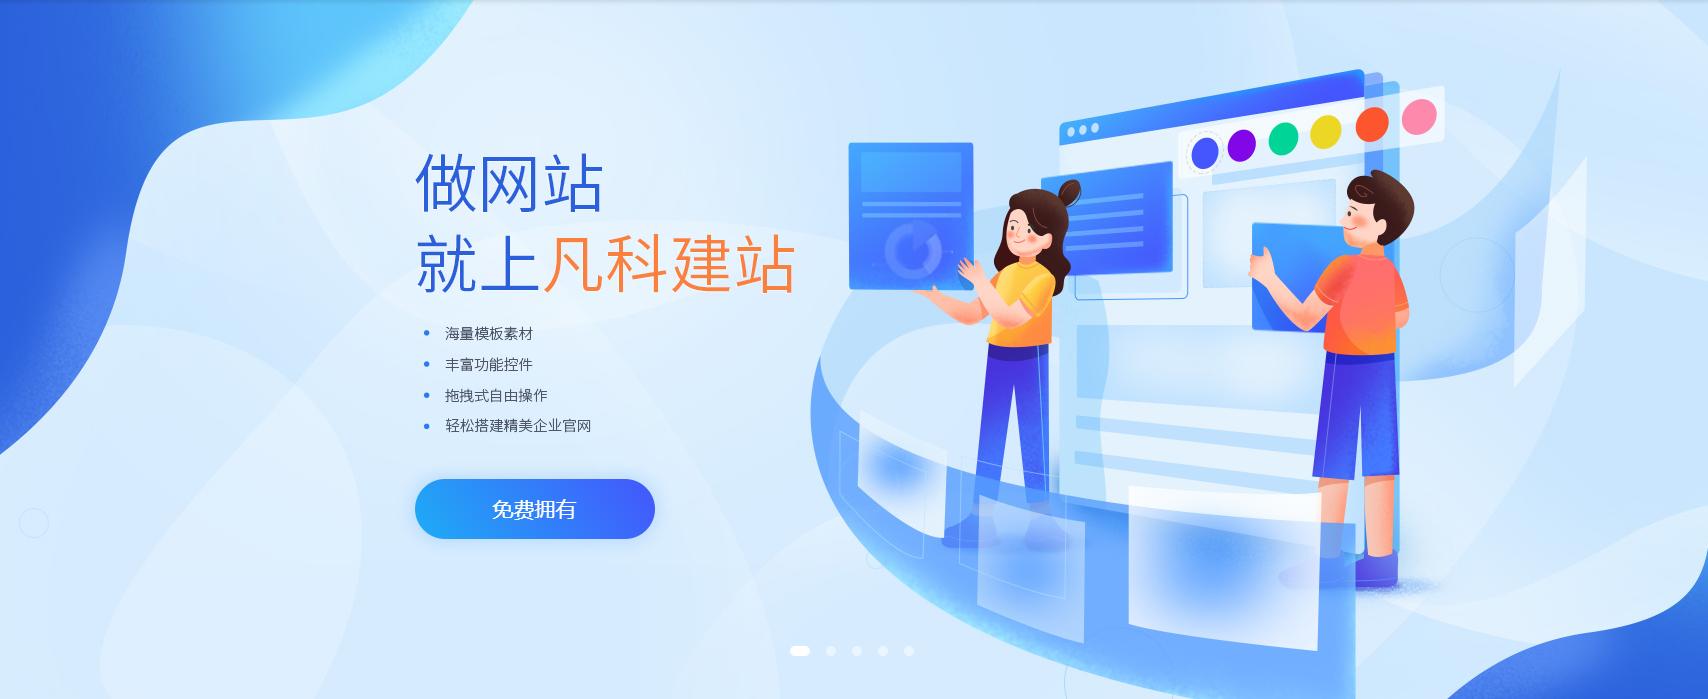 教育网站横幅设计